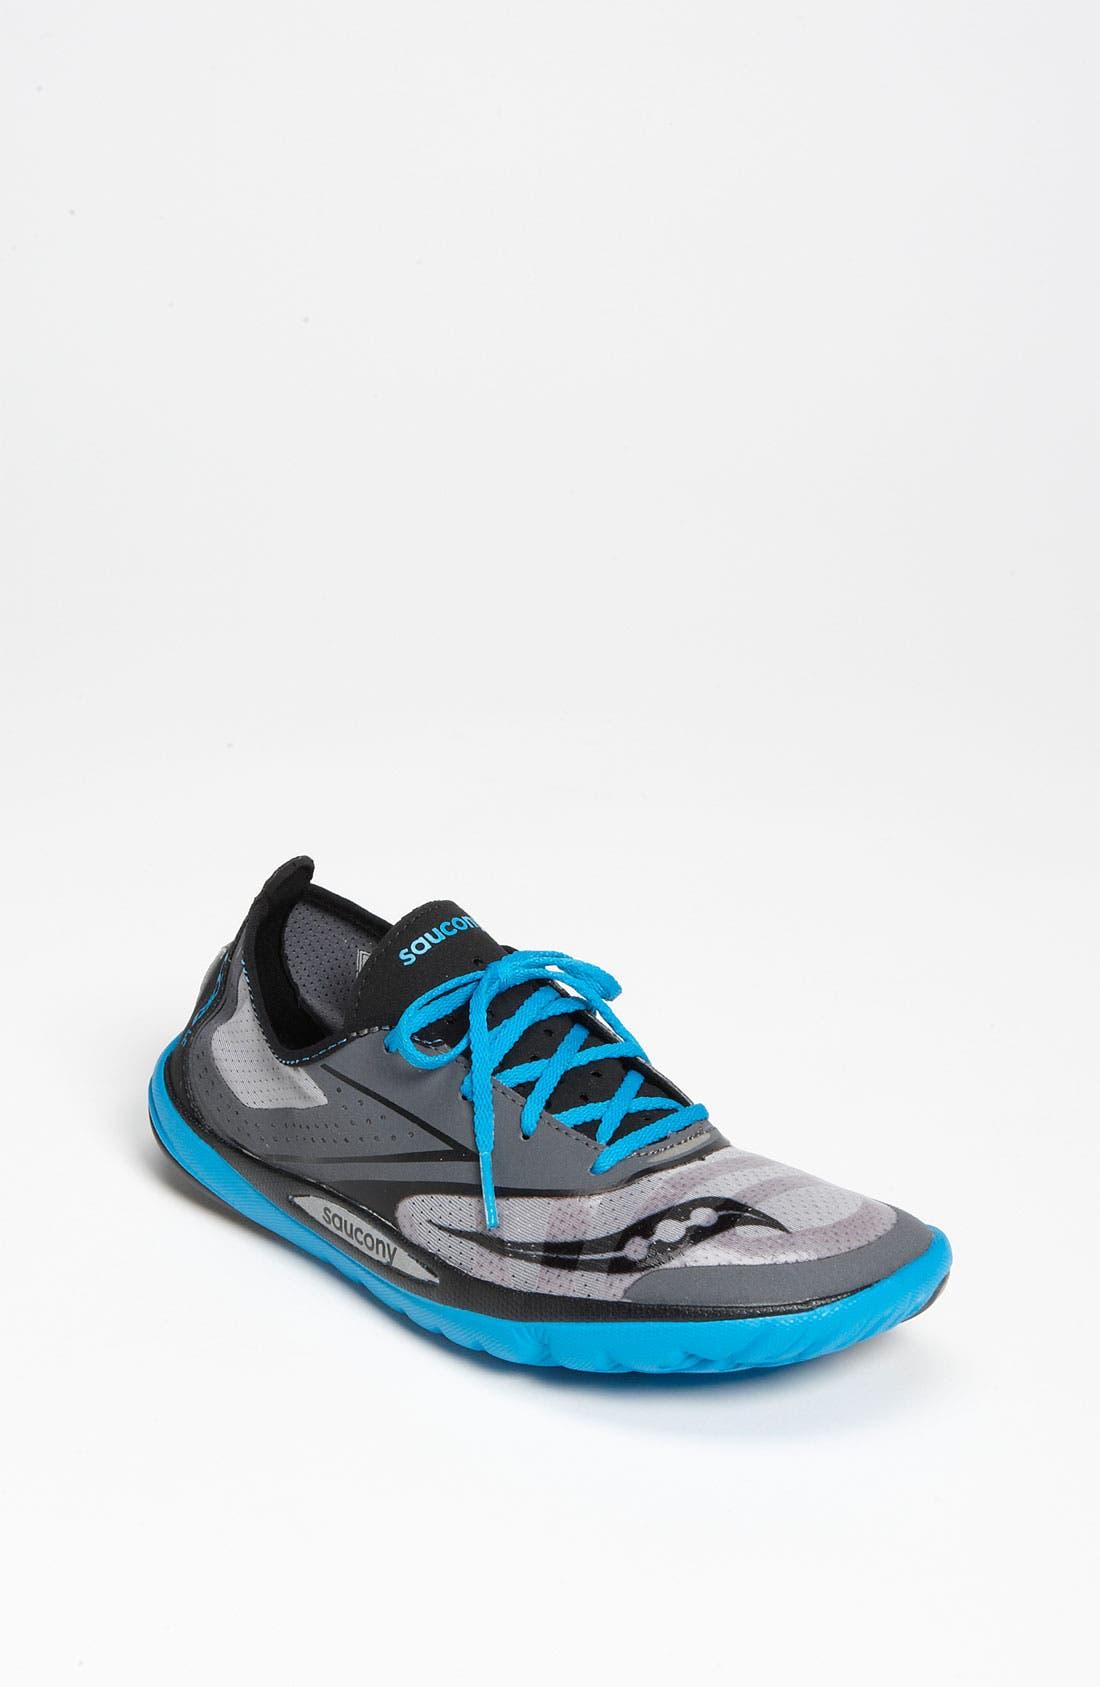 Main Image - Saucony 'Hattori' Running Shoe (Women)